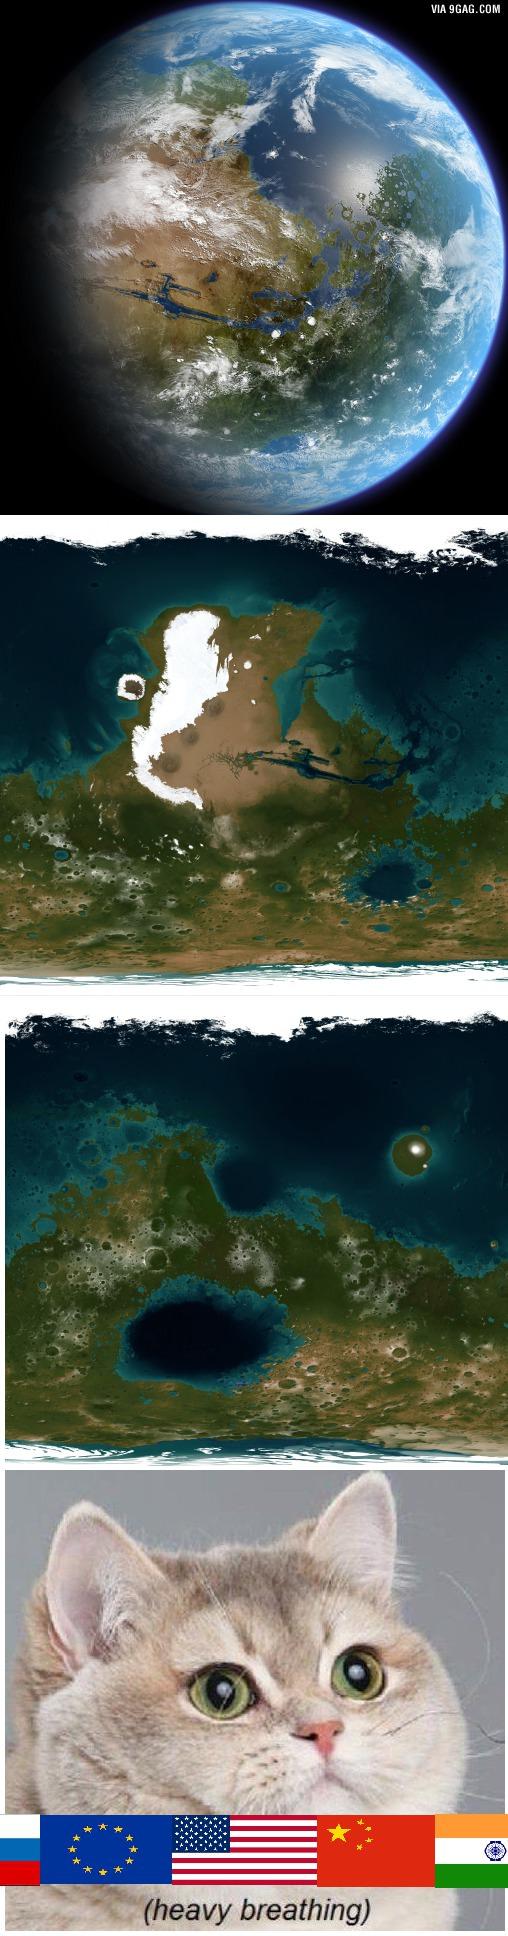 Mars, water + atmosphere.